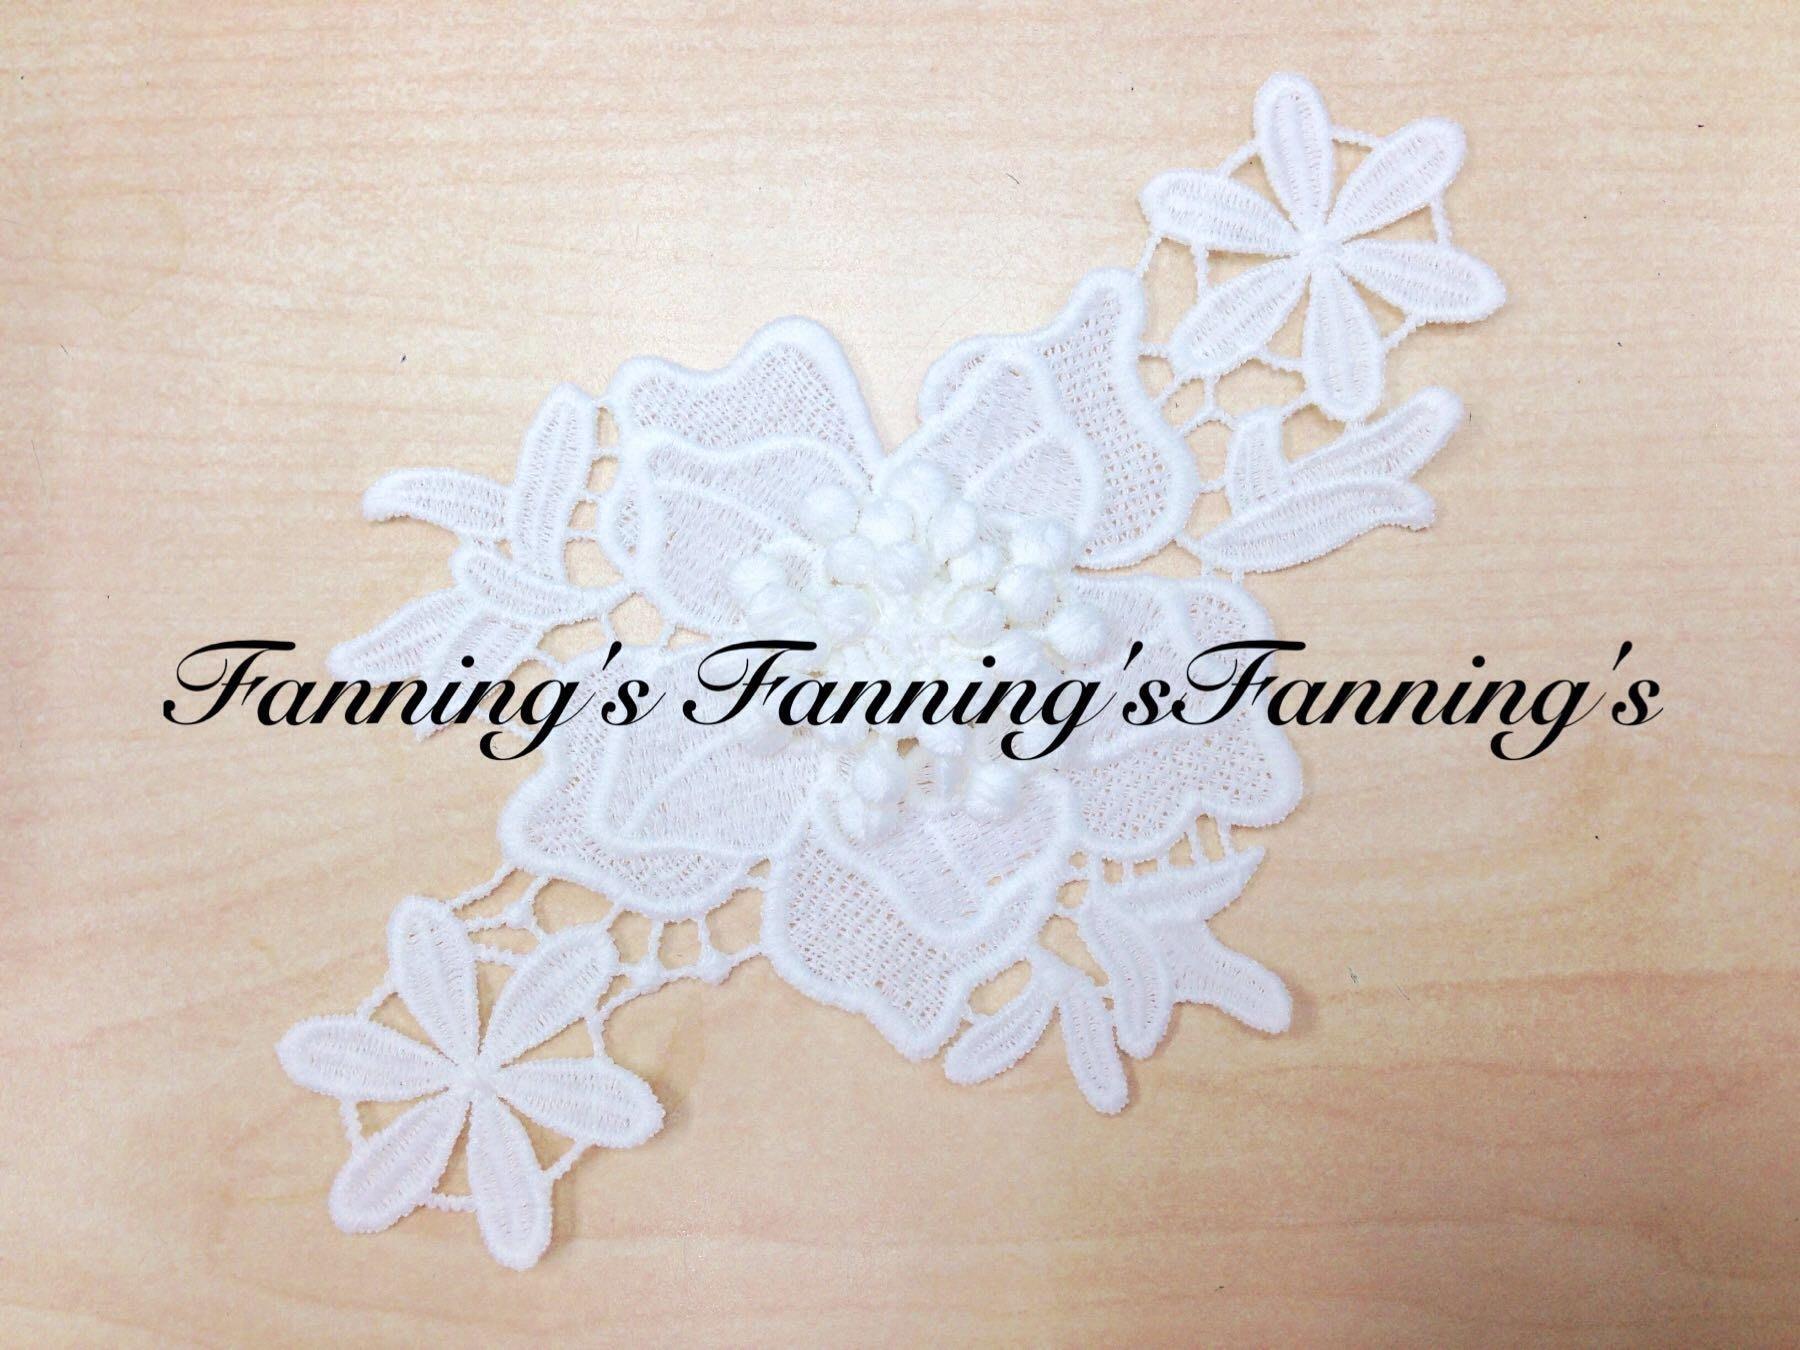 【芬妮卡Fanning服飾材料工坊】3D立體花蕊棉布花片 DIY手工材料 1片入 『現貨商品』